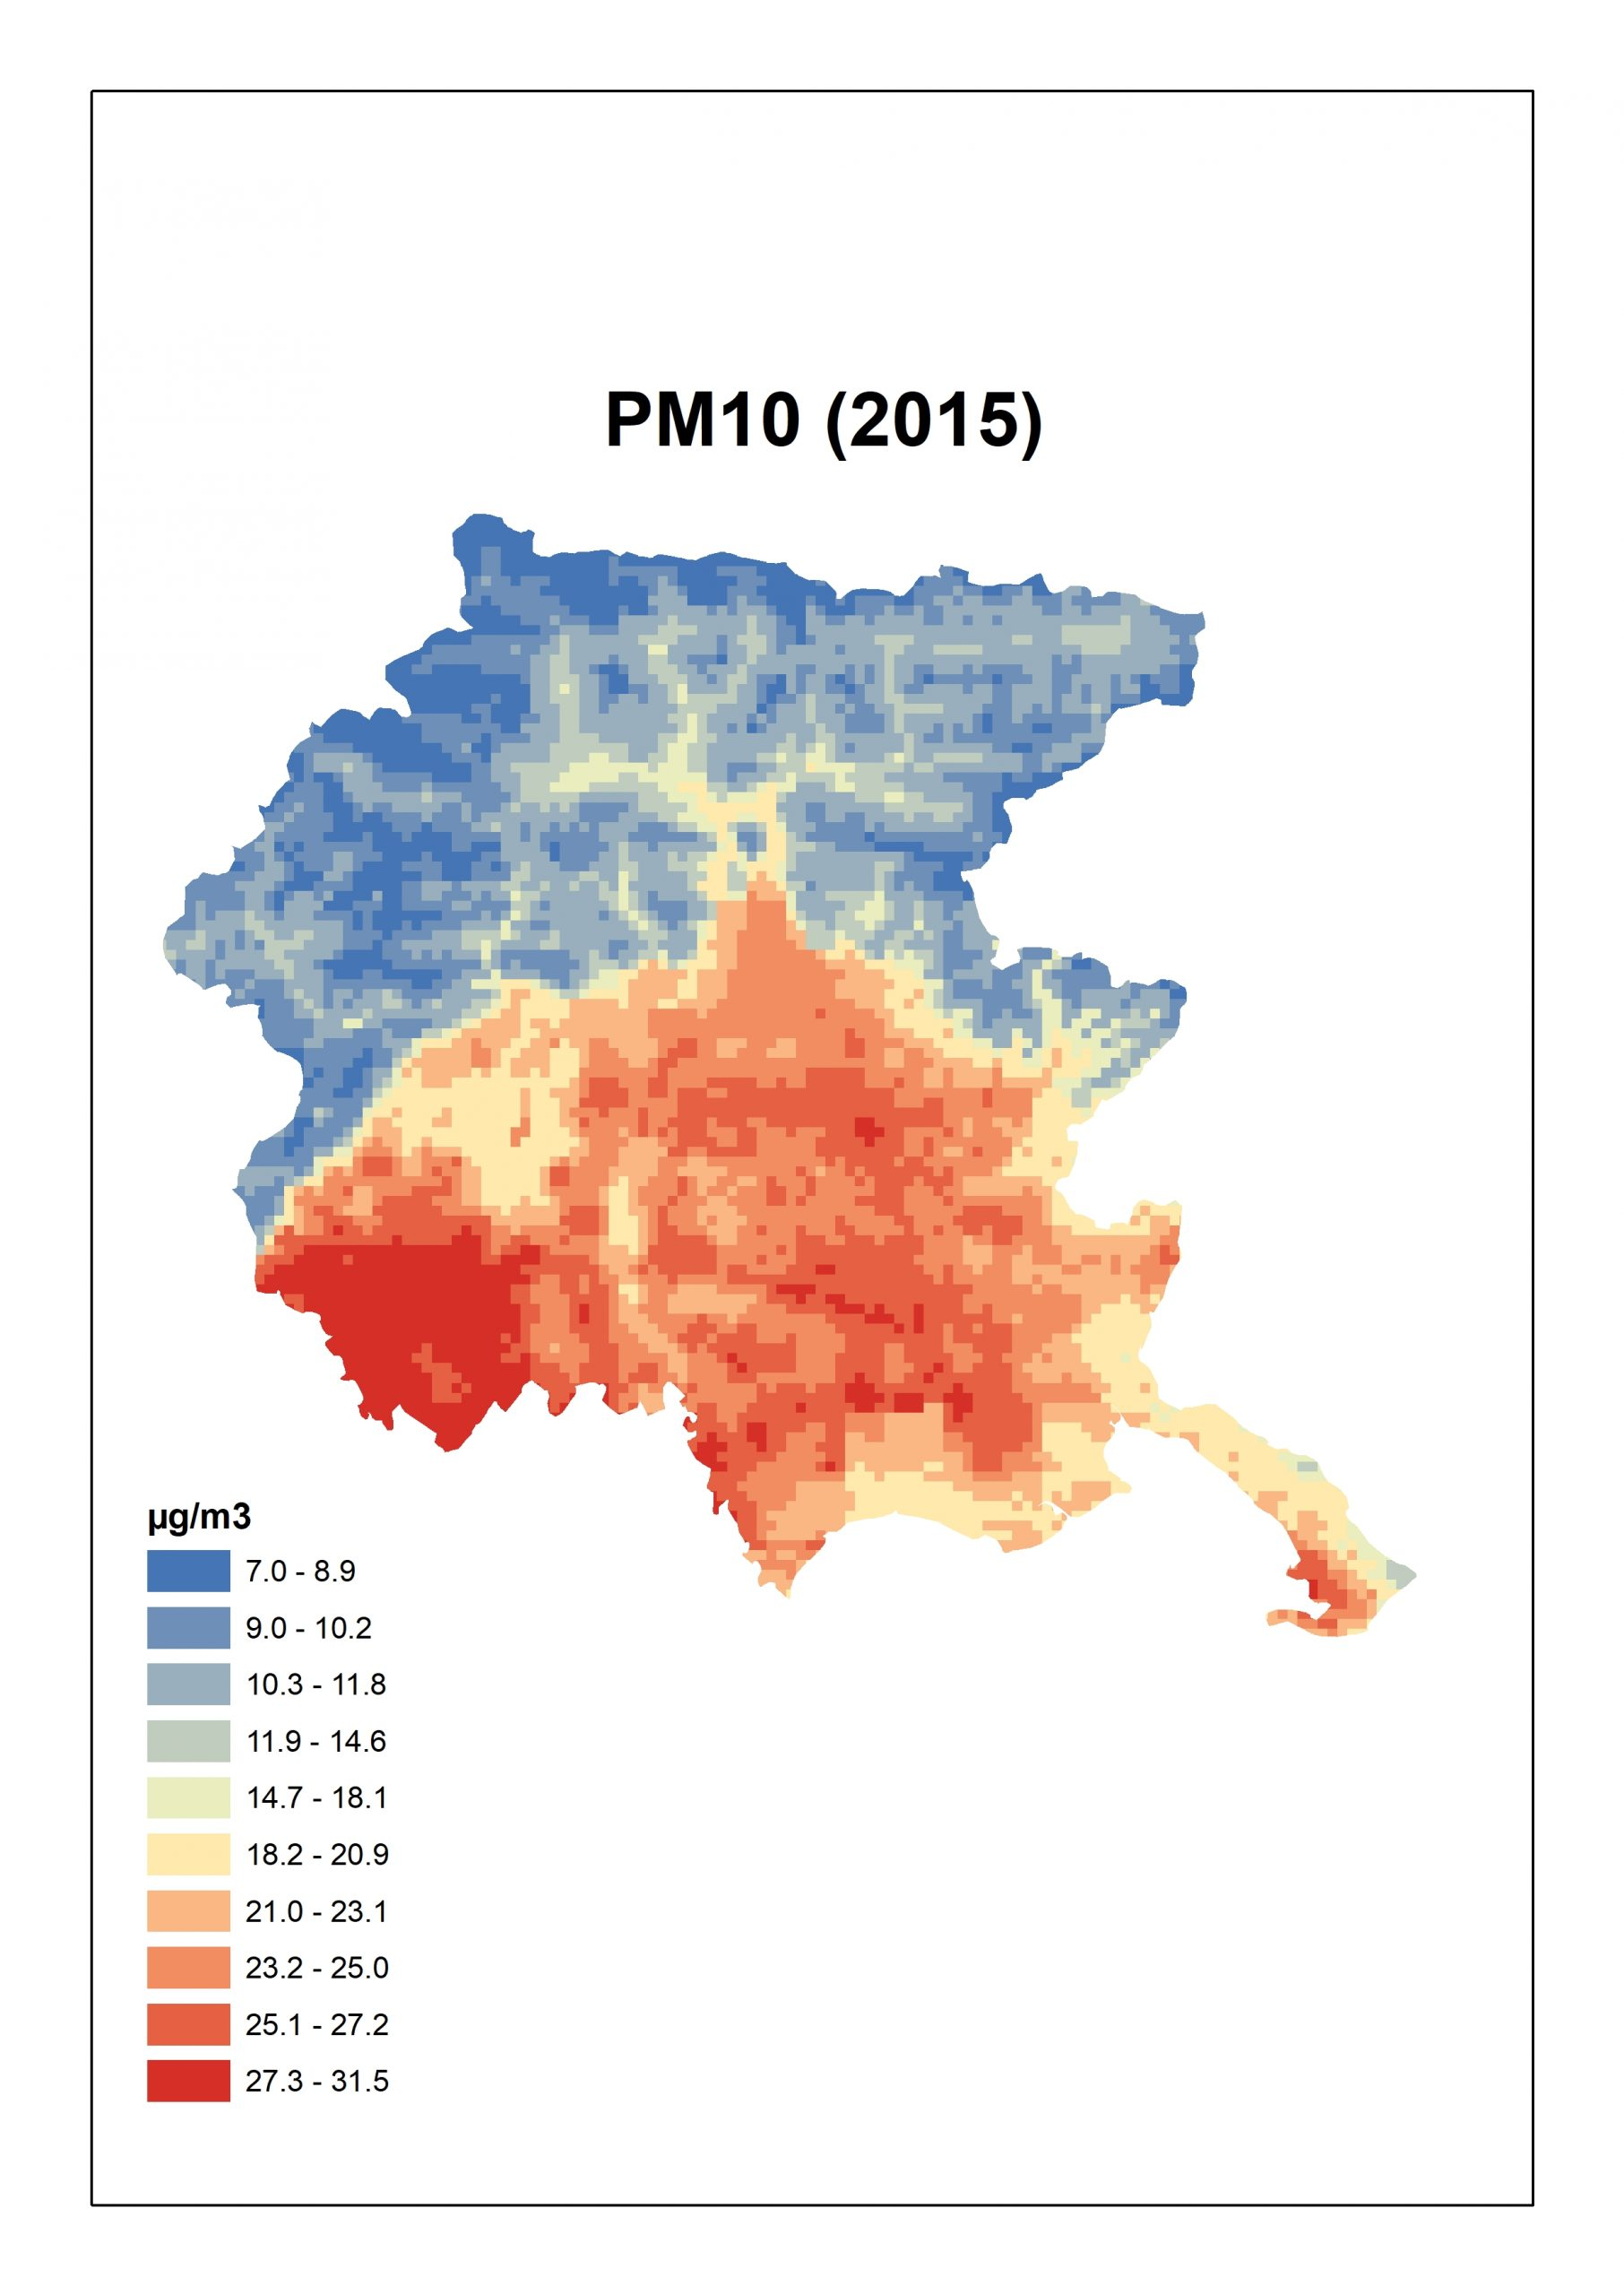 Figura 3. Concentrazioni stimate per il PM10 per Friuli Venezia Giulia: media annua 2015.